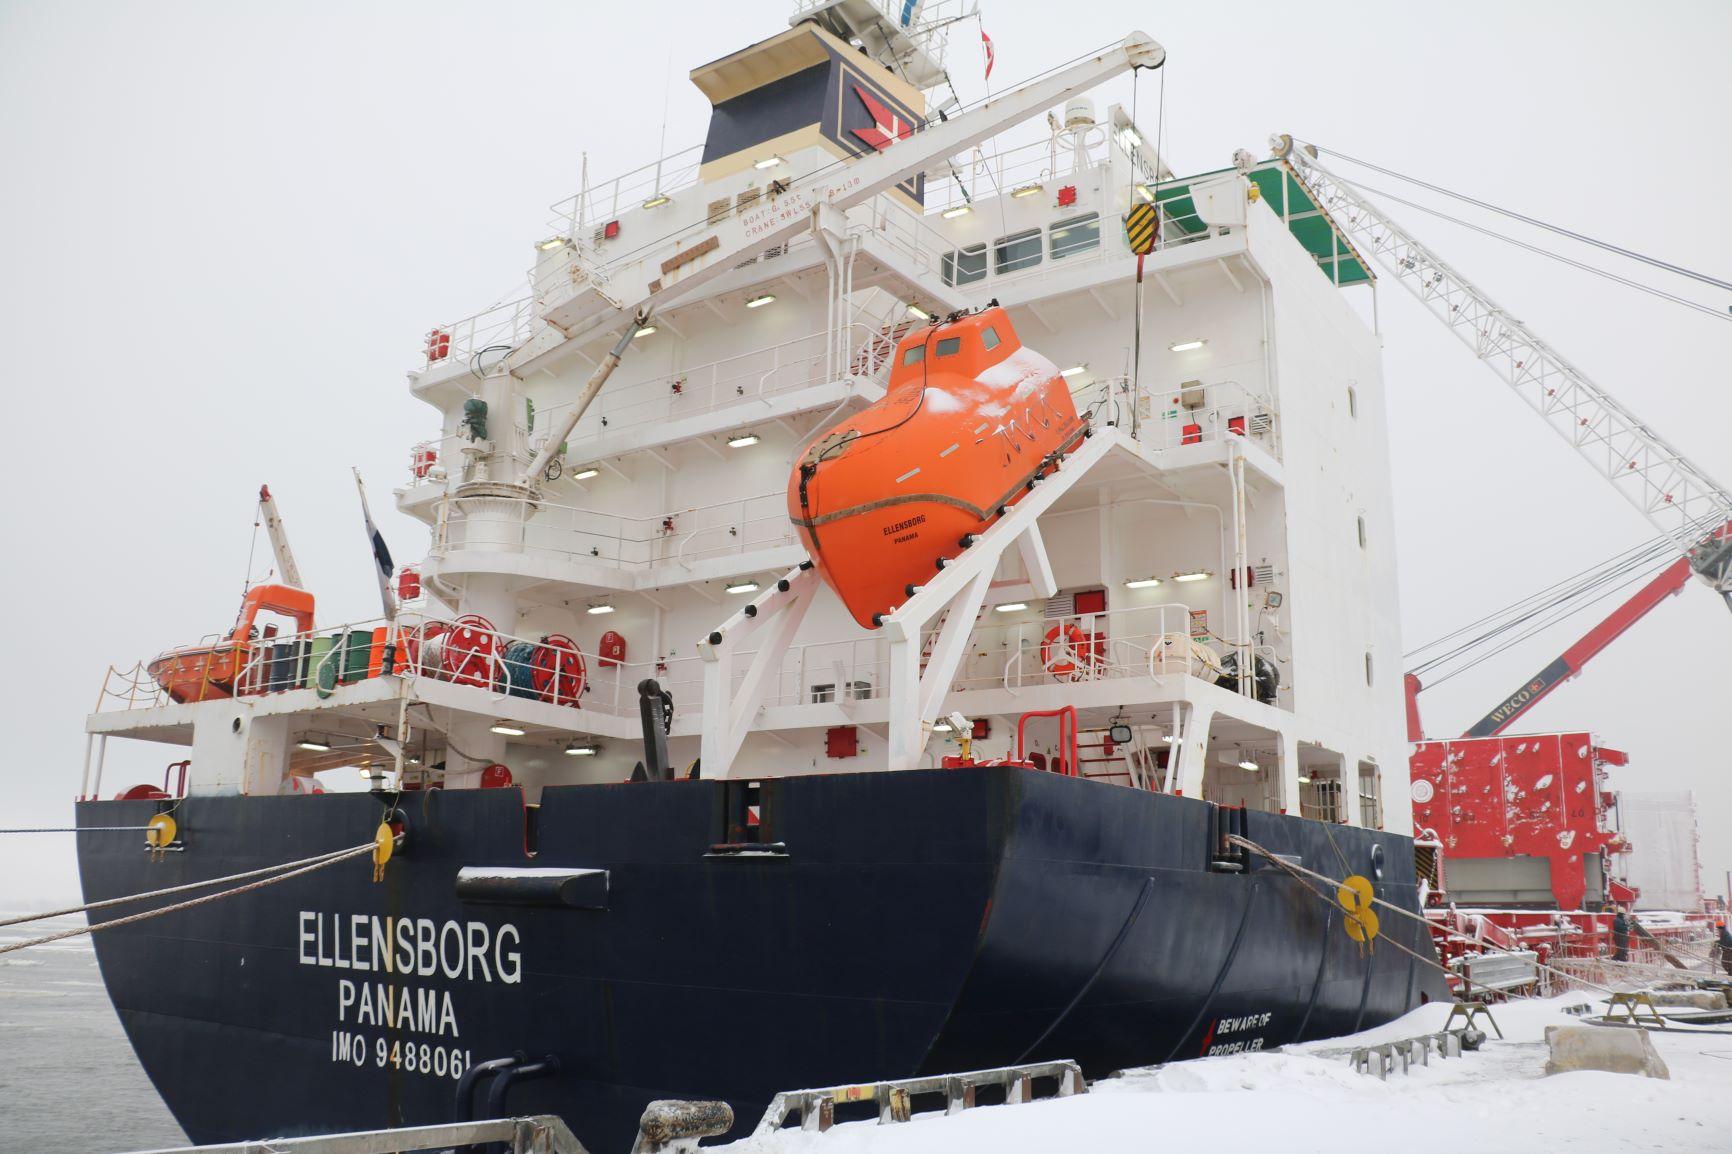 Ellensborg_1er-navire-2019-Port-Trois-Rivières